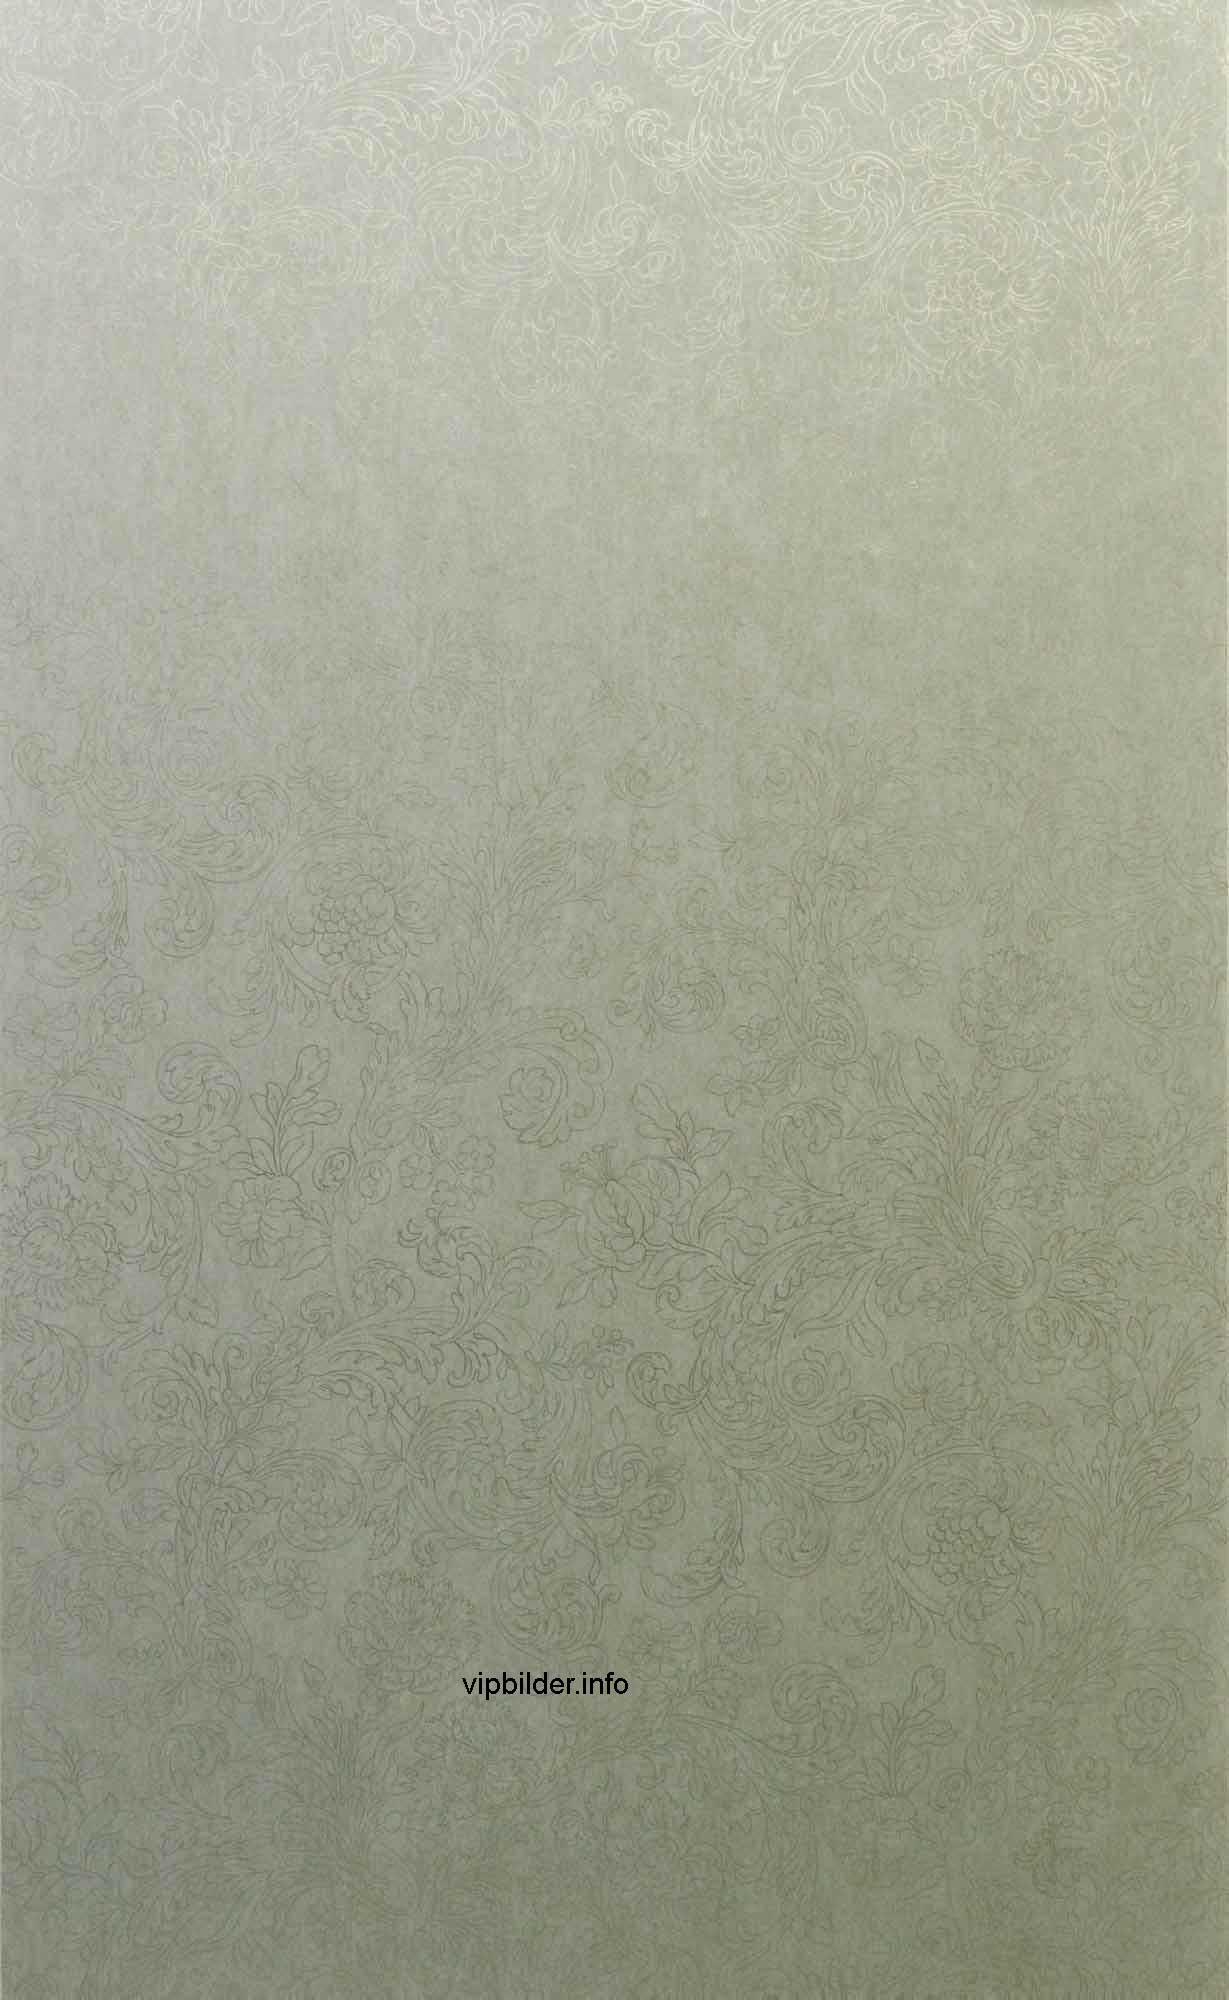 Luxus Tapeten Schlafzimmer : Omexco Luxus Stil Tapeten gr?n Palazzo